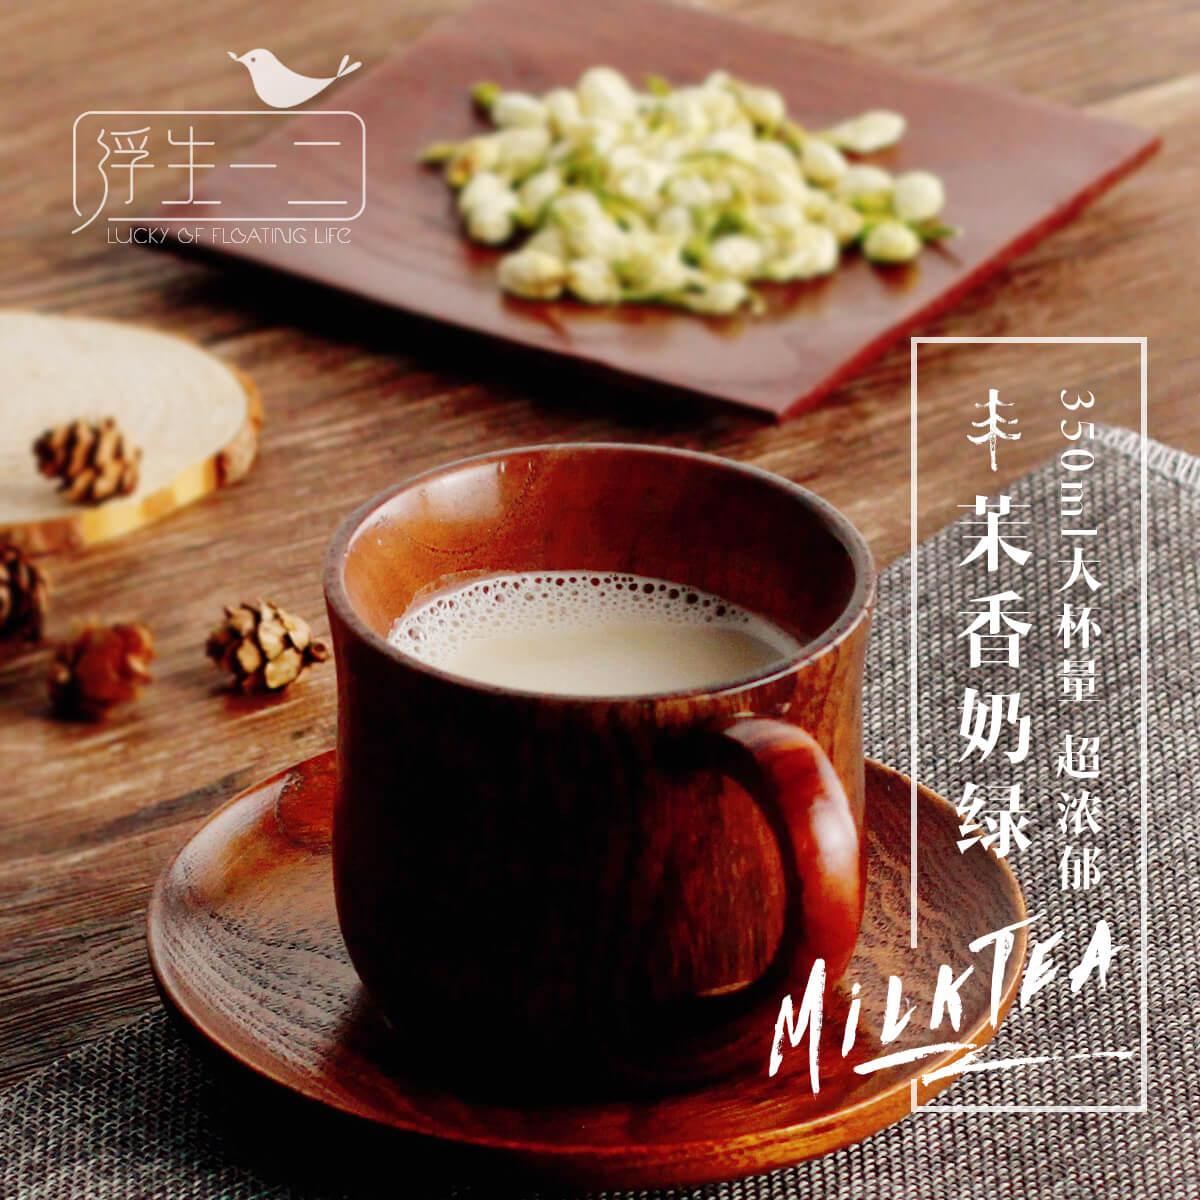 浮生一二 茉香奶绿 自制港式手工绿茶奶茶店奶茶袋装DIY速溶饮料